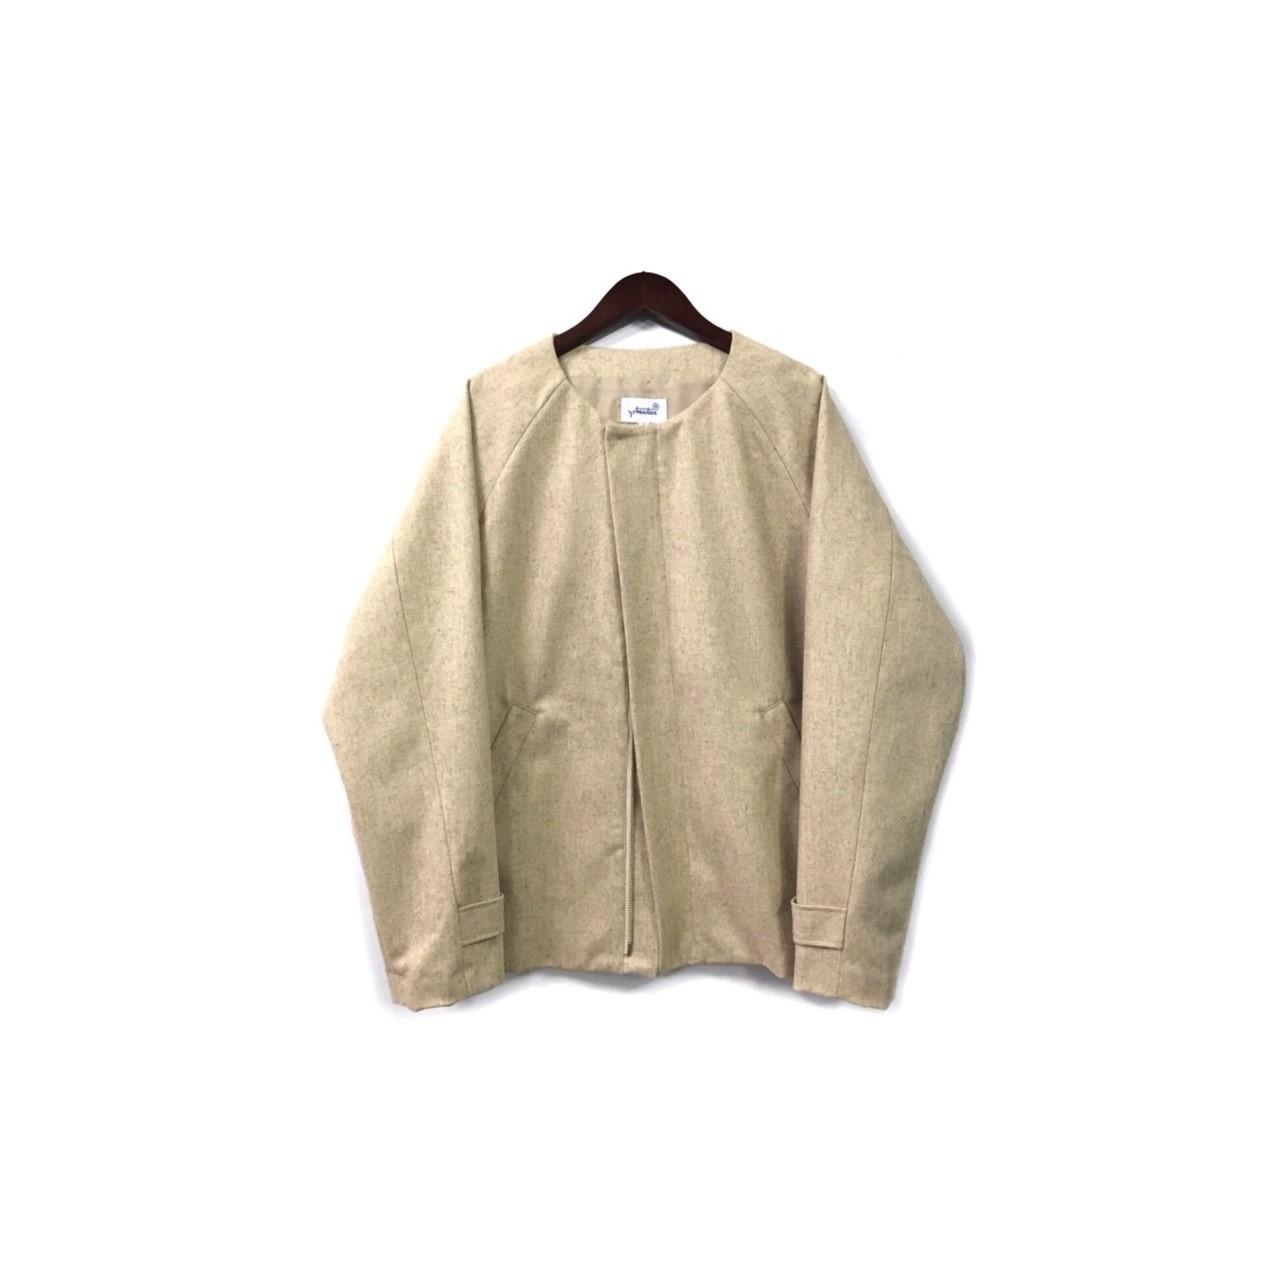 yotsuba - Nocollar Jacket / Beige ¥35000+tax